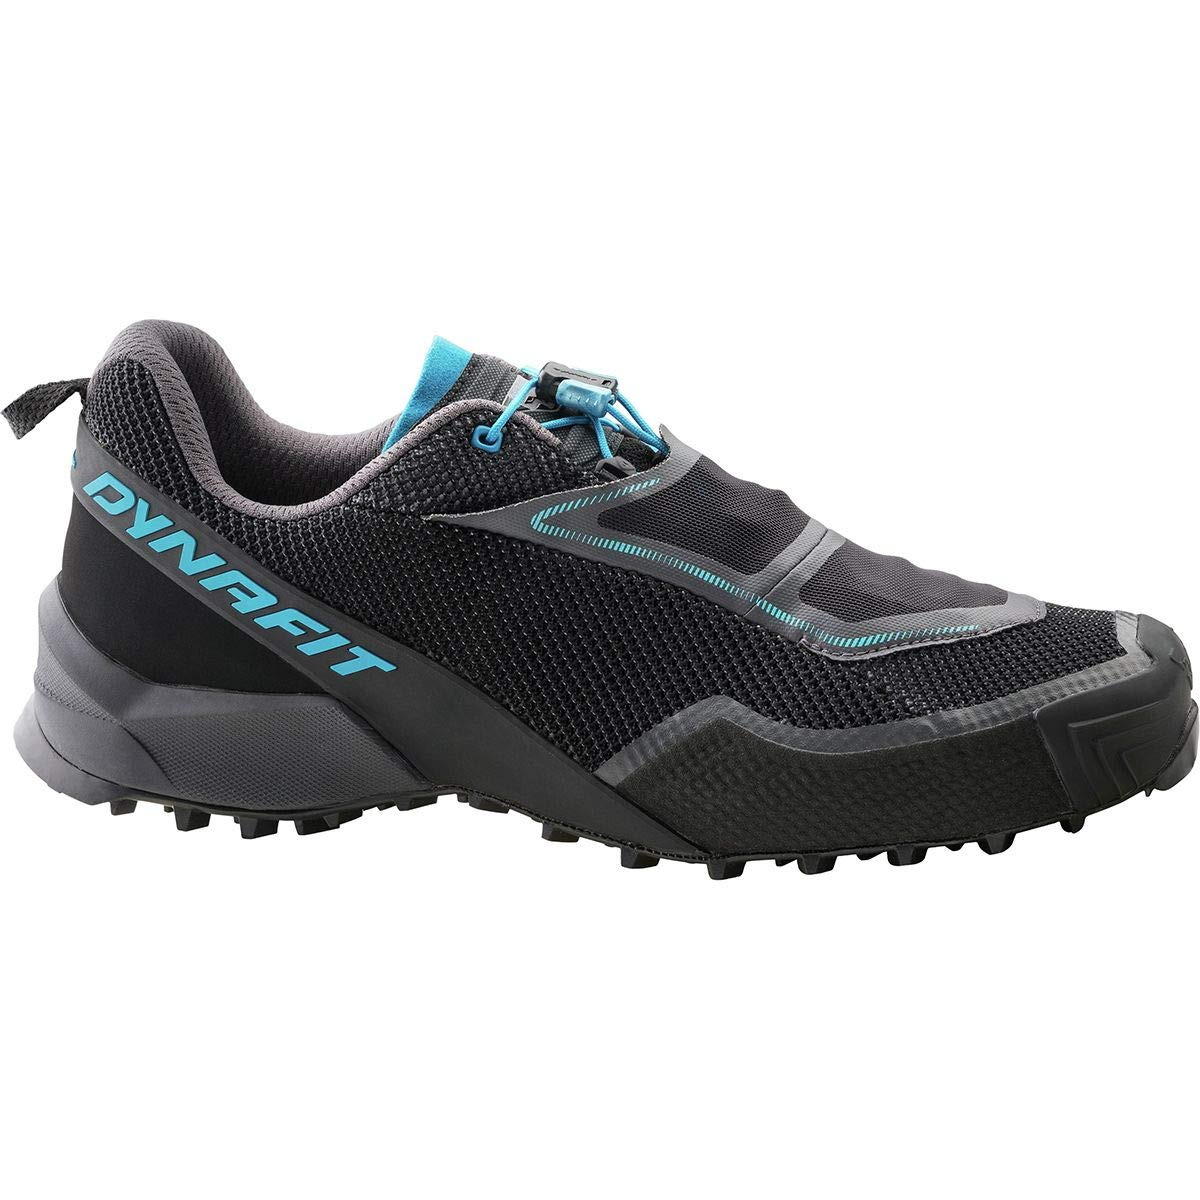 【再入荷】 [ダイナフィット] メンズ Trail ランニング Speed Mountain Trail ランニング Running Running Shoe [並行輸入品] B07P2VLG3T 12, ダイナゴルフ:838c4beb --- newsdarpan.in